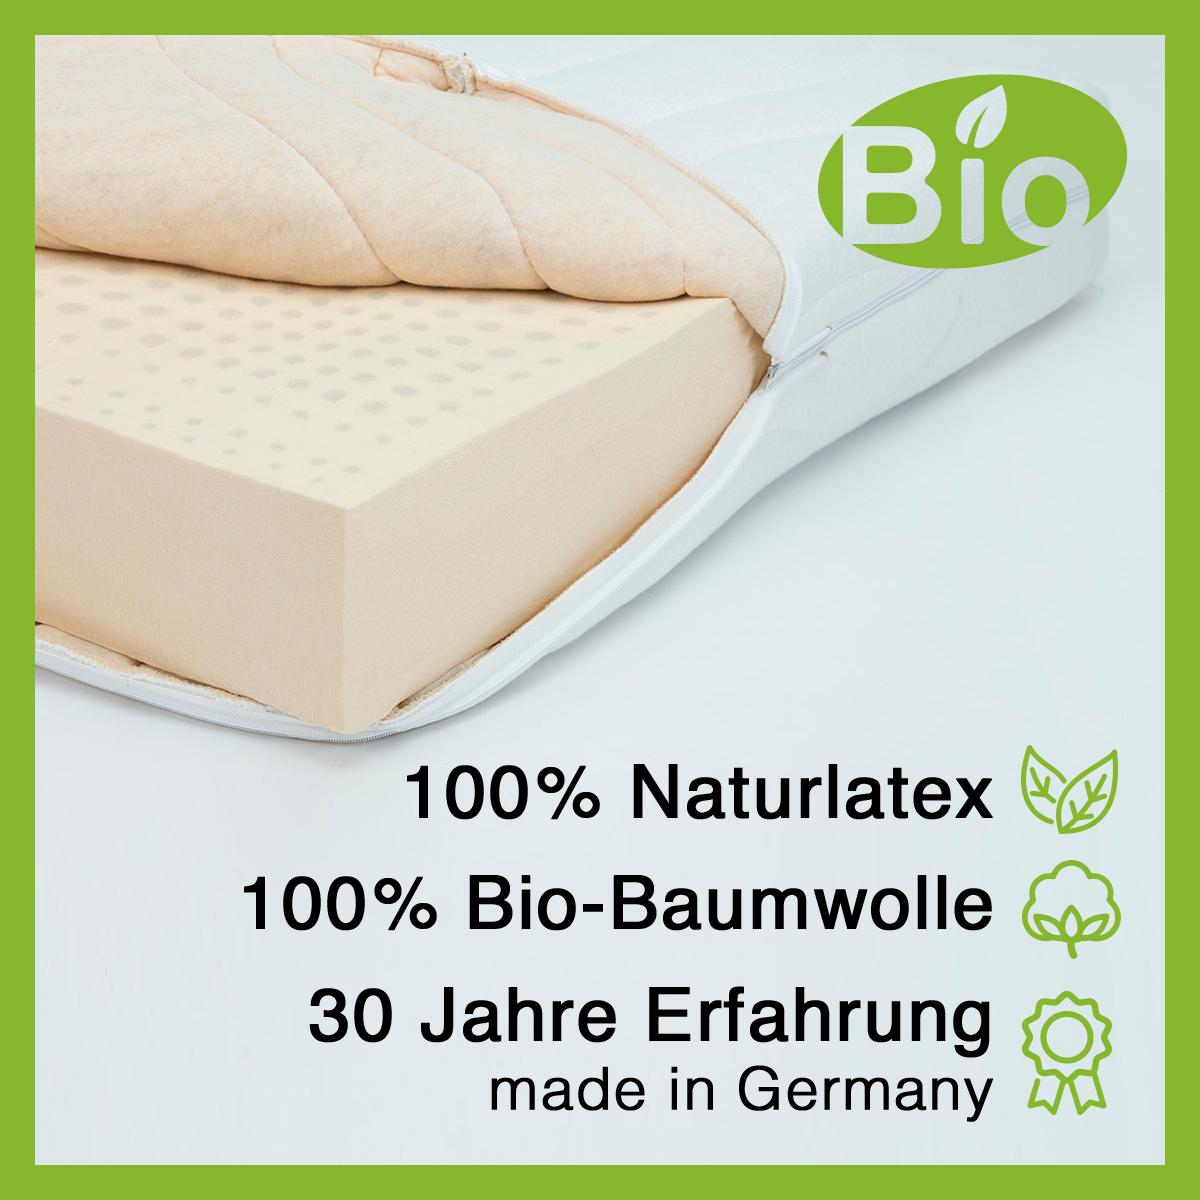 17 cm Latexmatratze Deluxe, 100% Naturlatexkern, Baumwollbezug, Naturmatratze